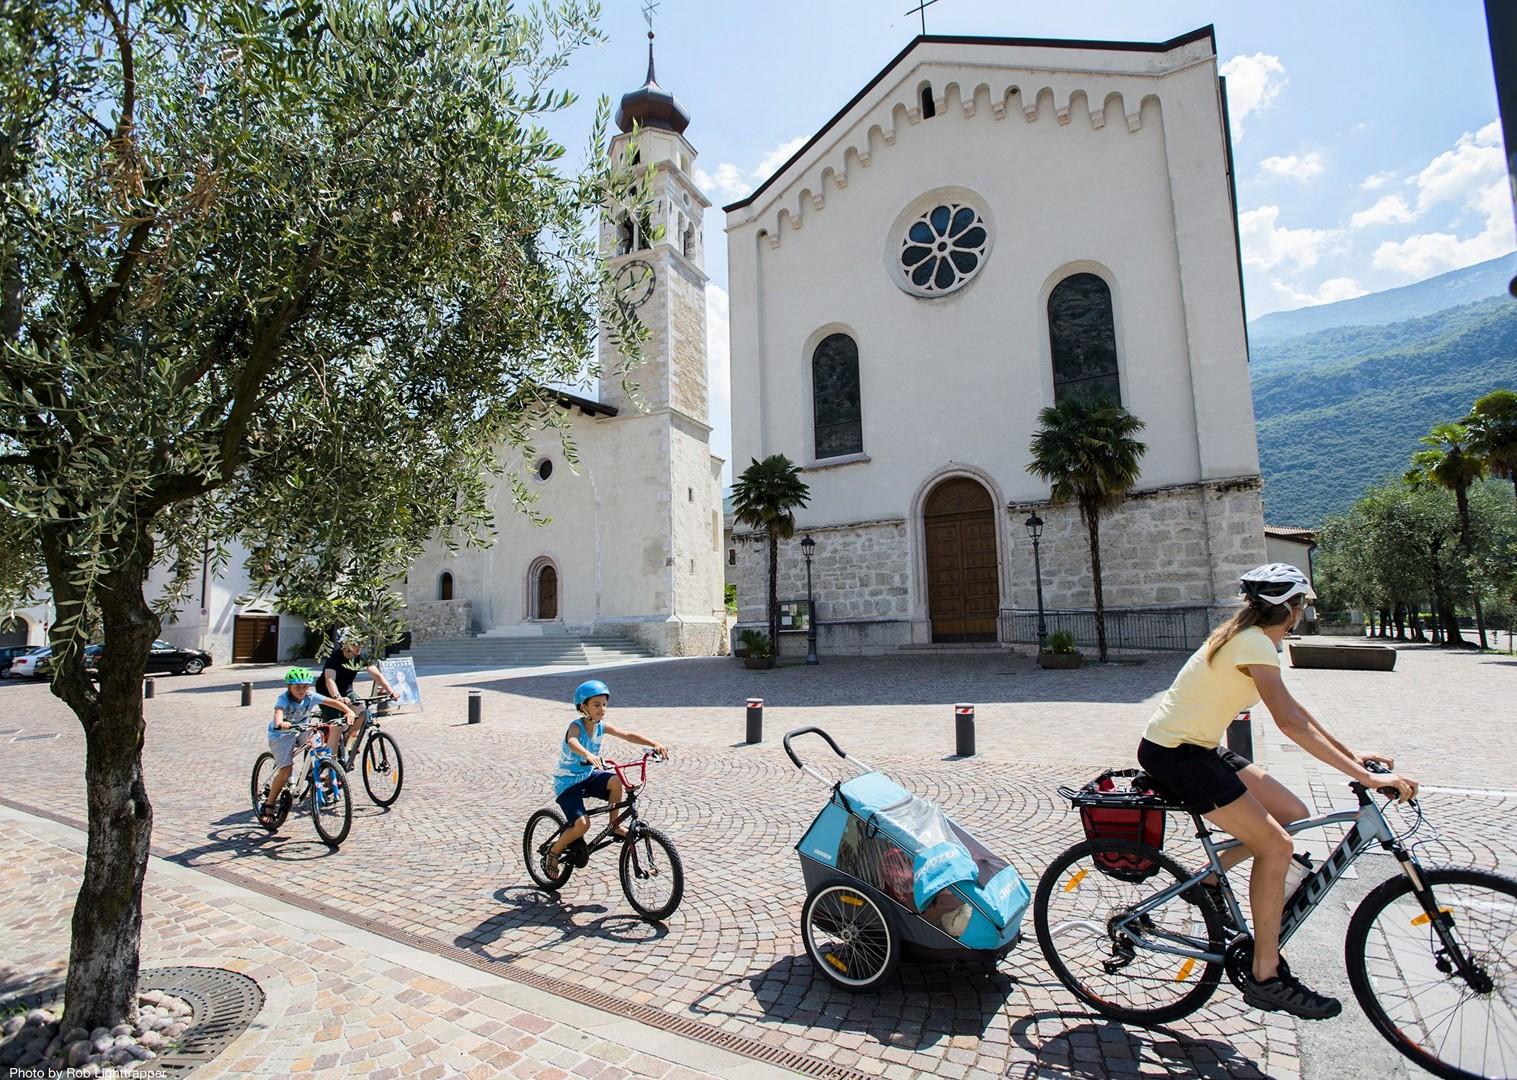 italy-family-cycling-holiday-lake-garda.jpg - Italy - Lake Garda Explorer - Self-Guided Family Cycling Holiday - Family Cycling